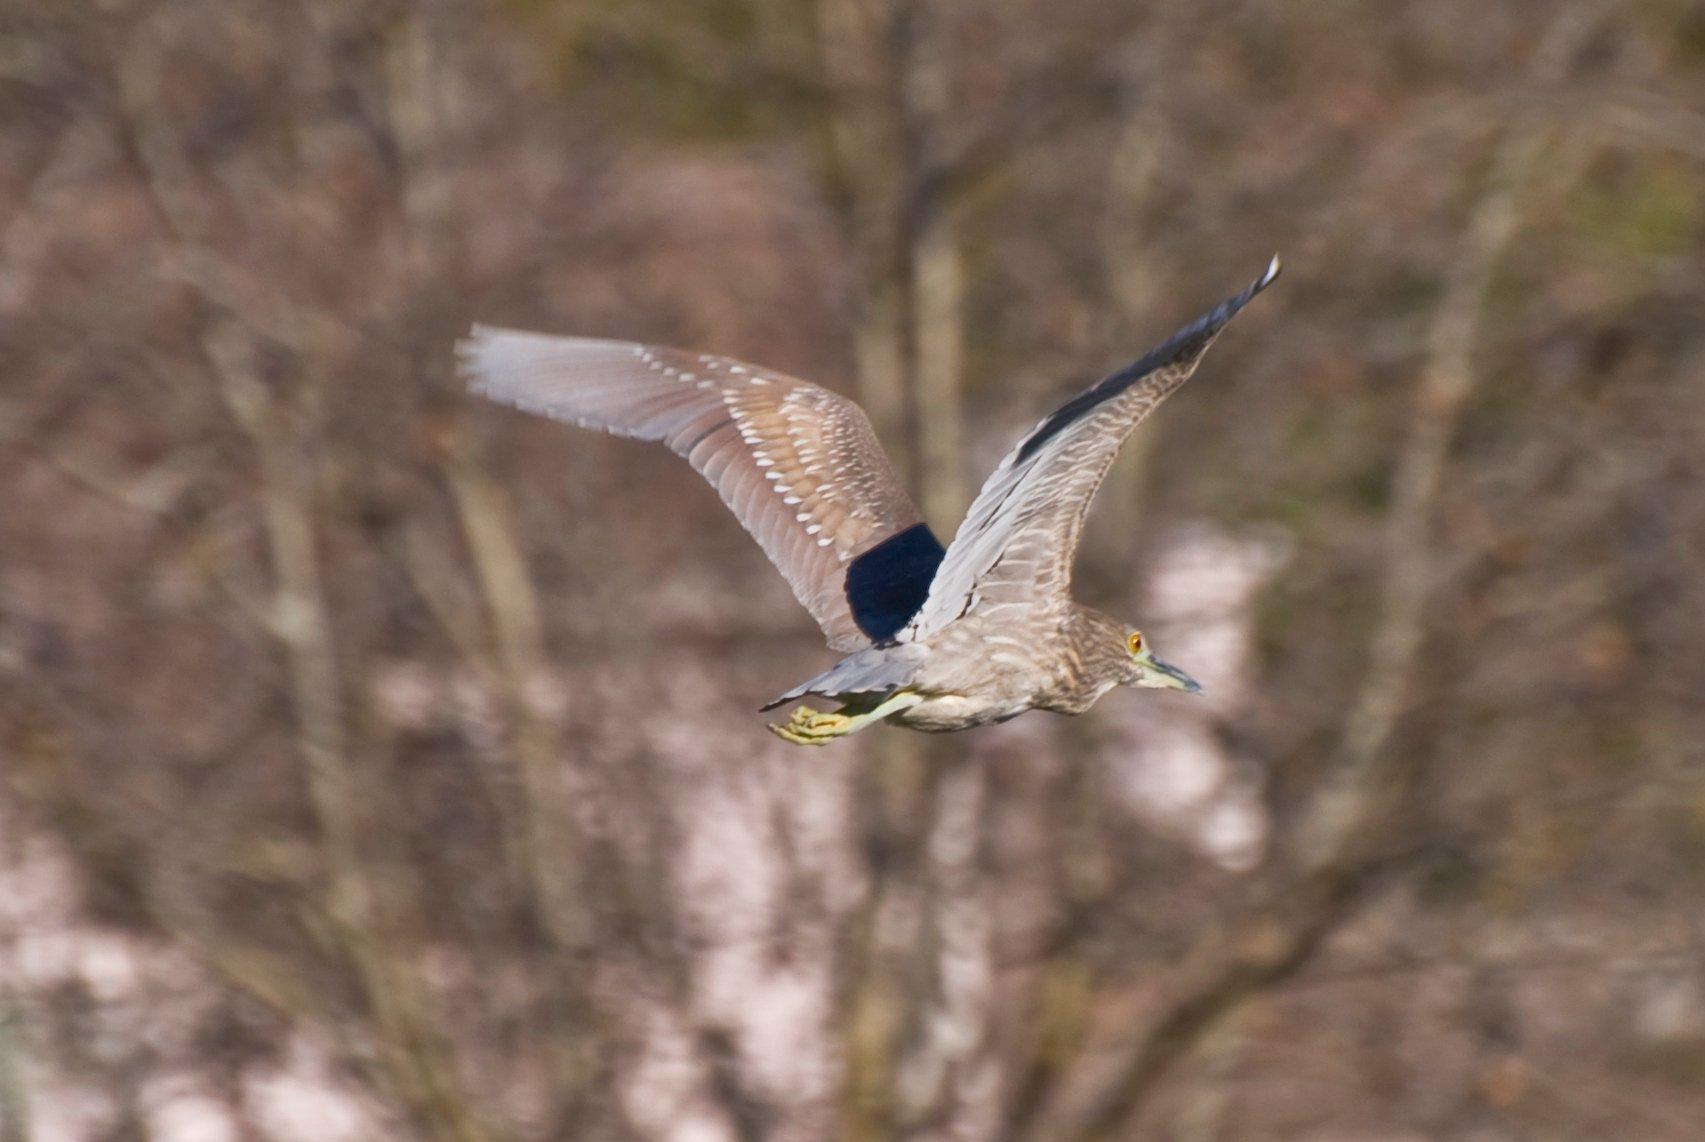 Blue Heron in Flight Image